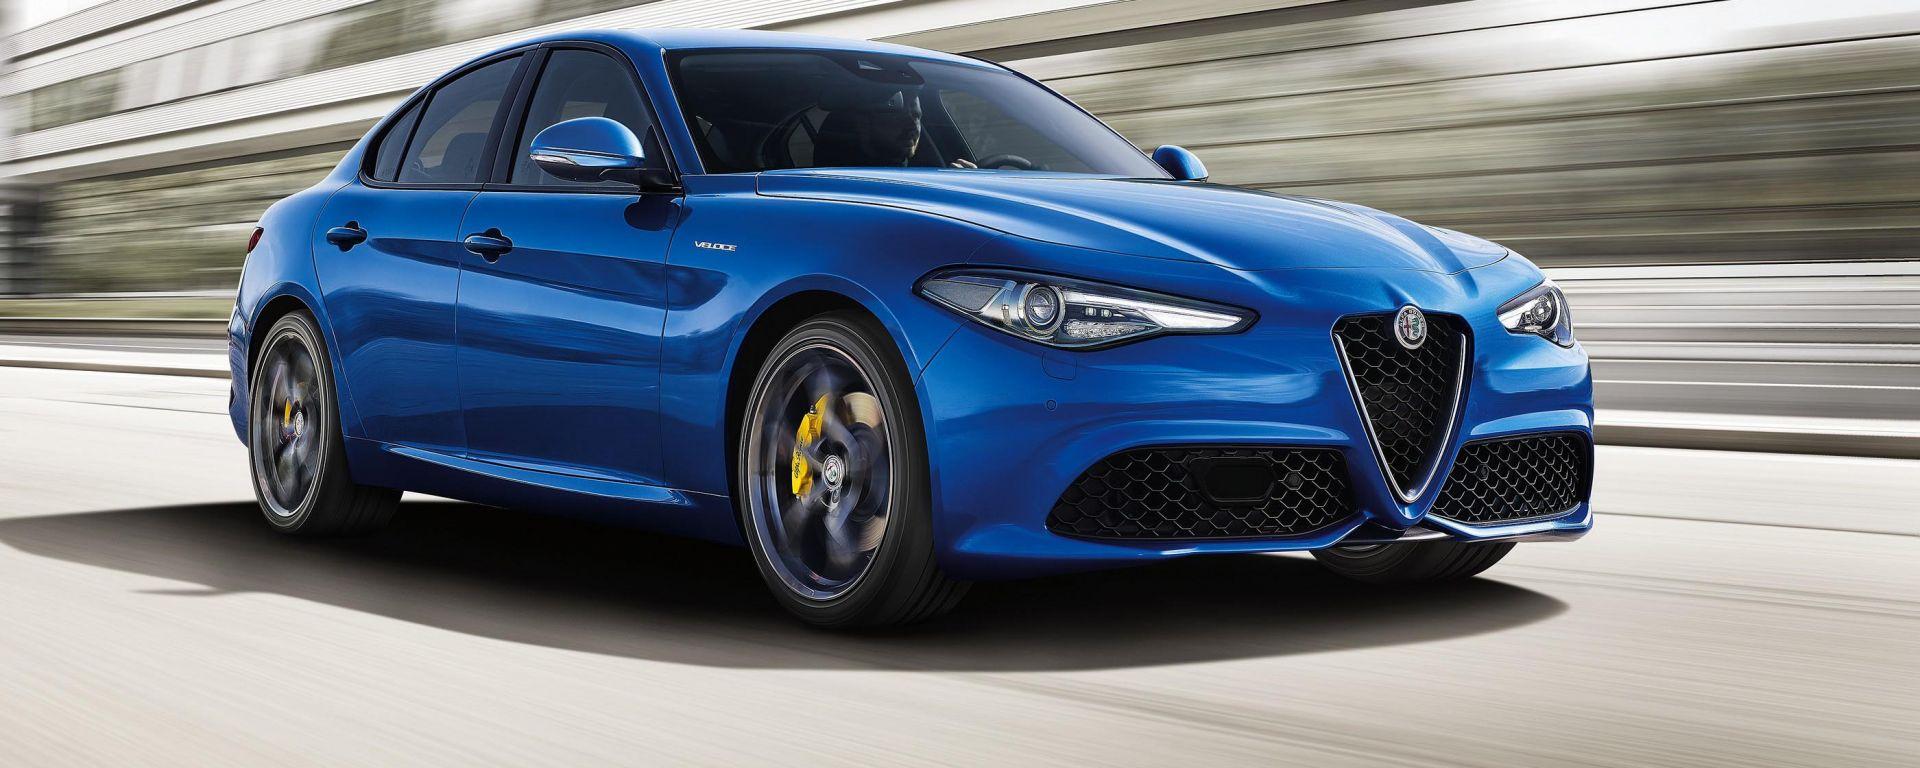 Alfa Romeo Giulia Veloce: due nuovi motori e trazione integrale Q4